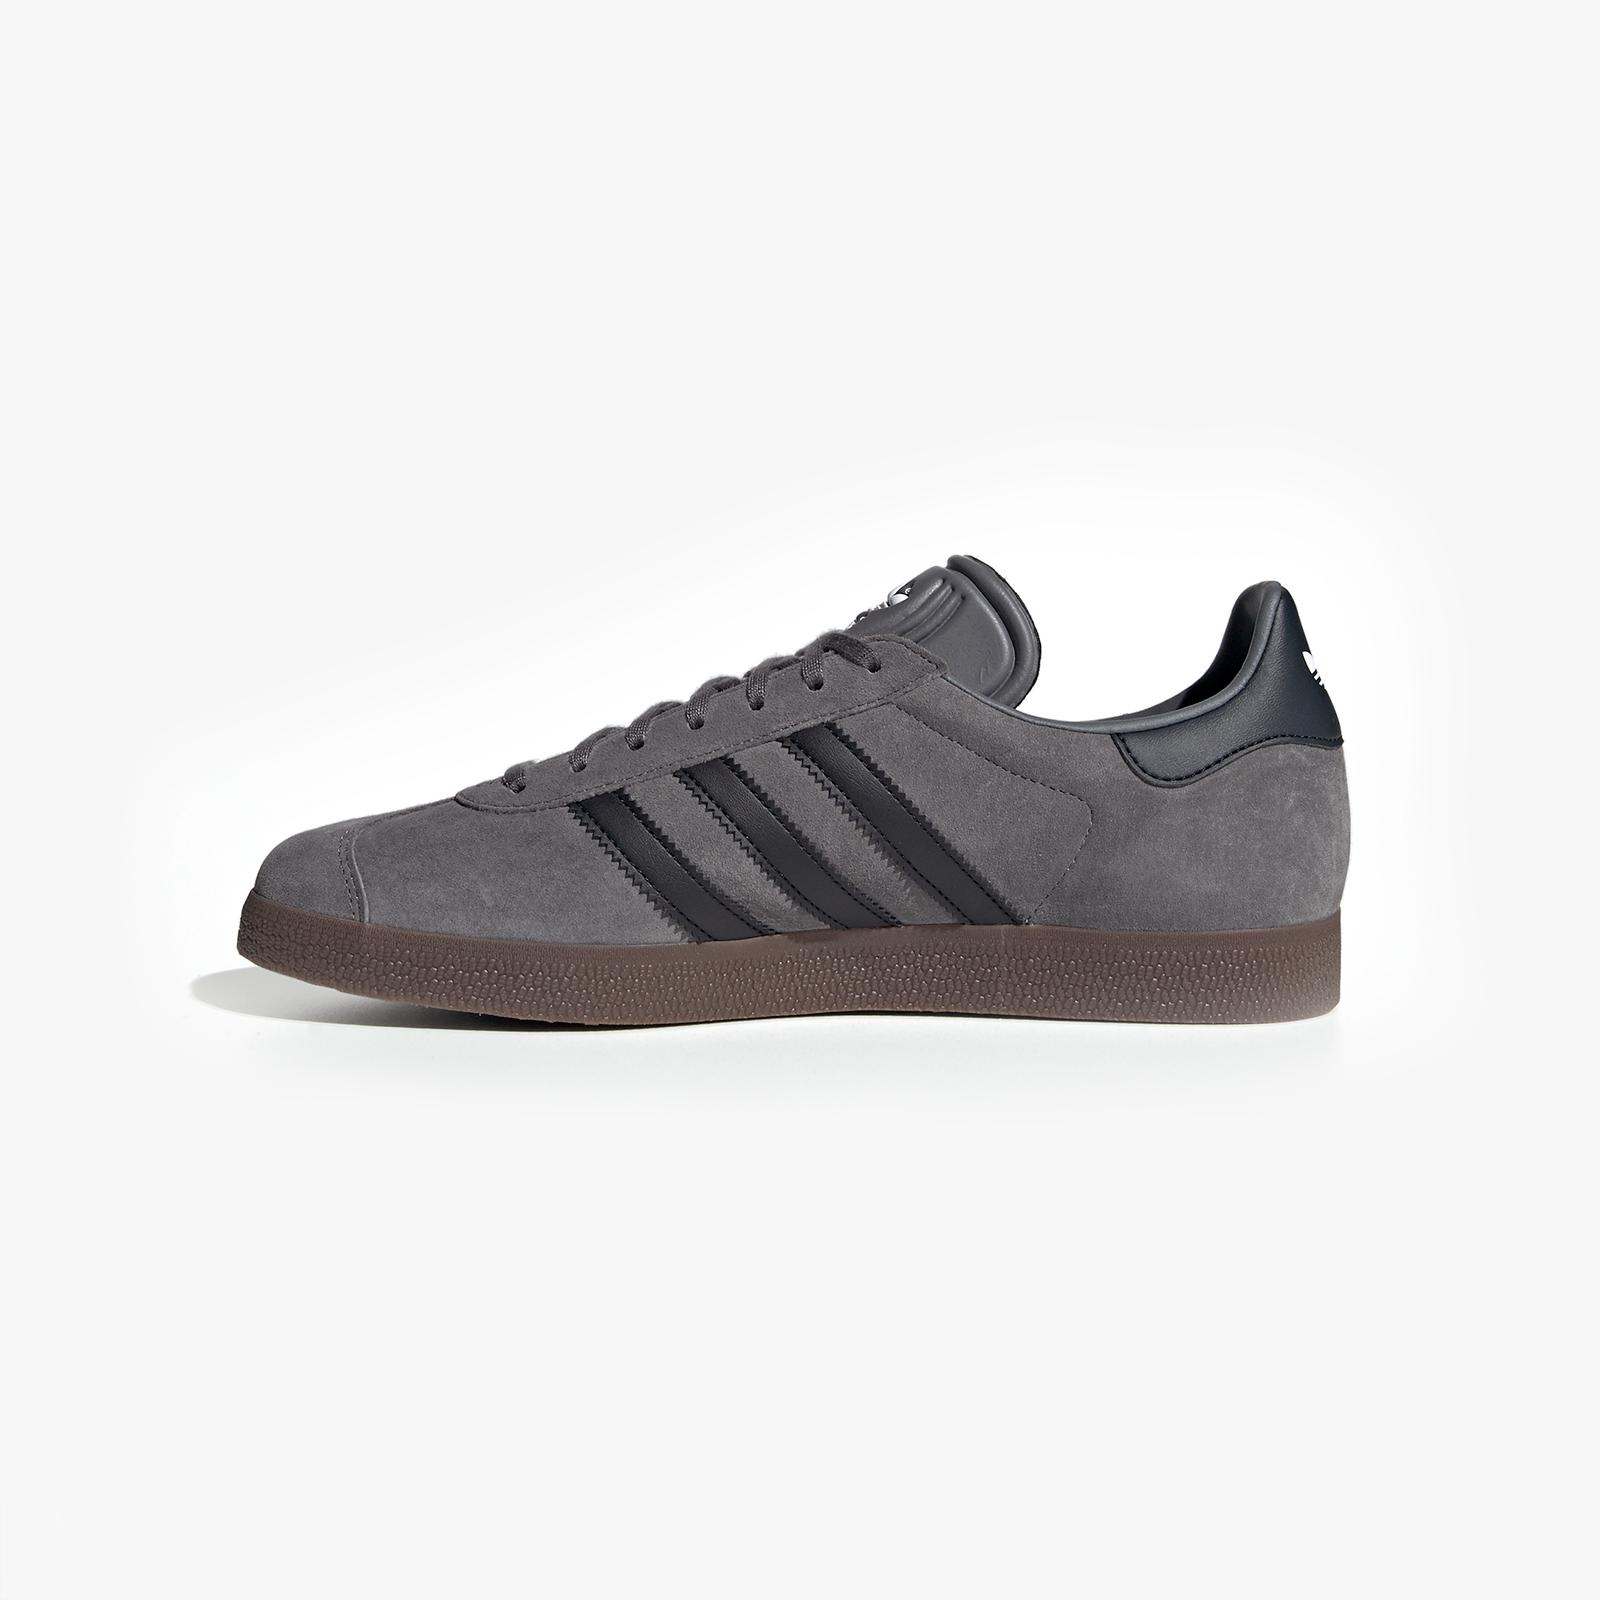 adidas Gazelle - Ee8943 - SNS | sneakers & streetwear online since ...